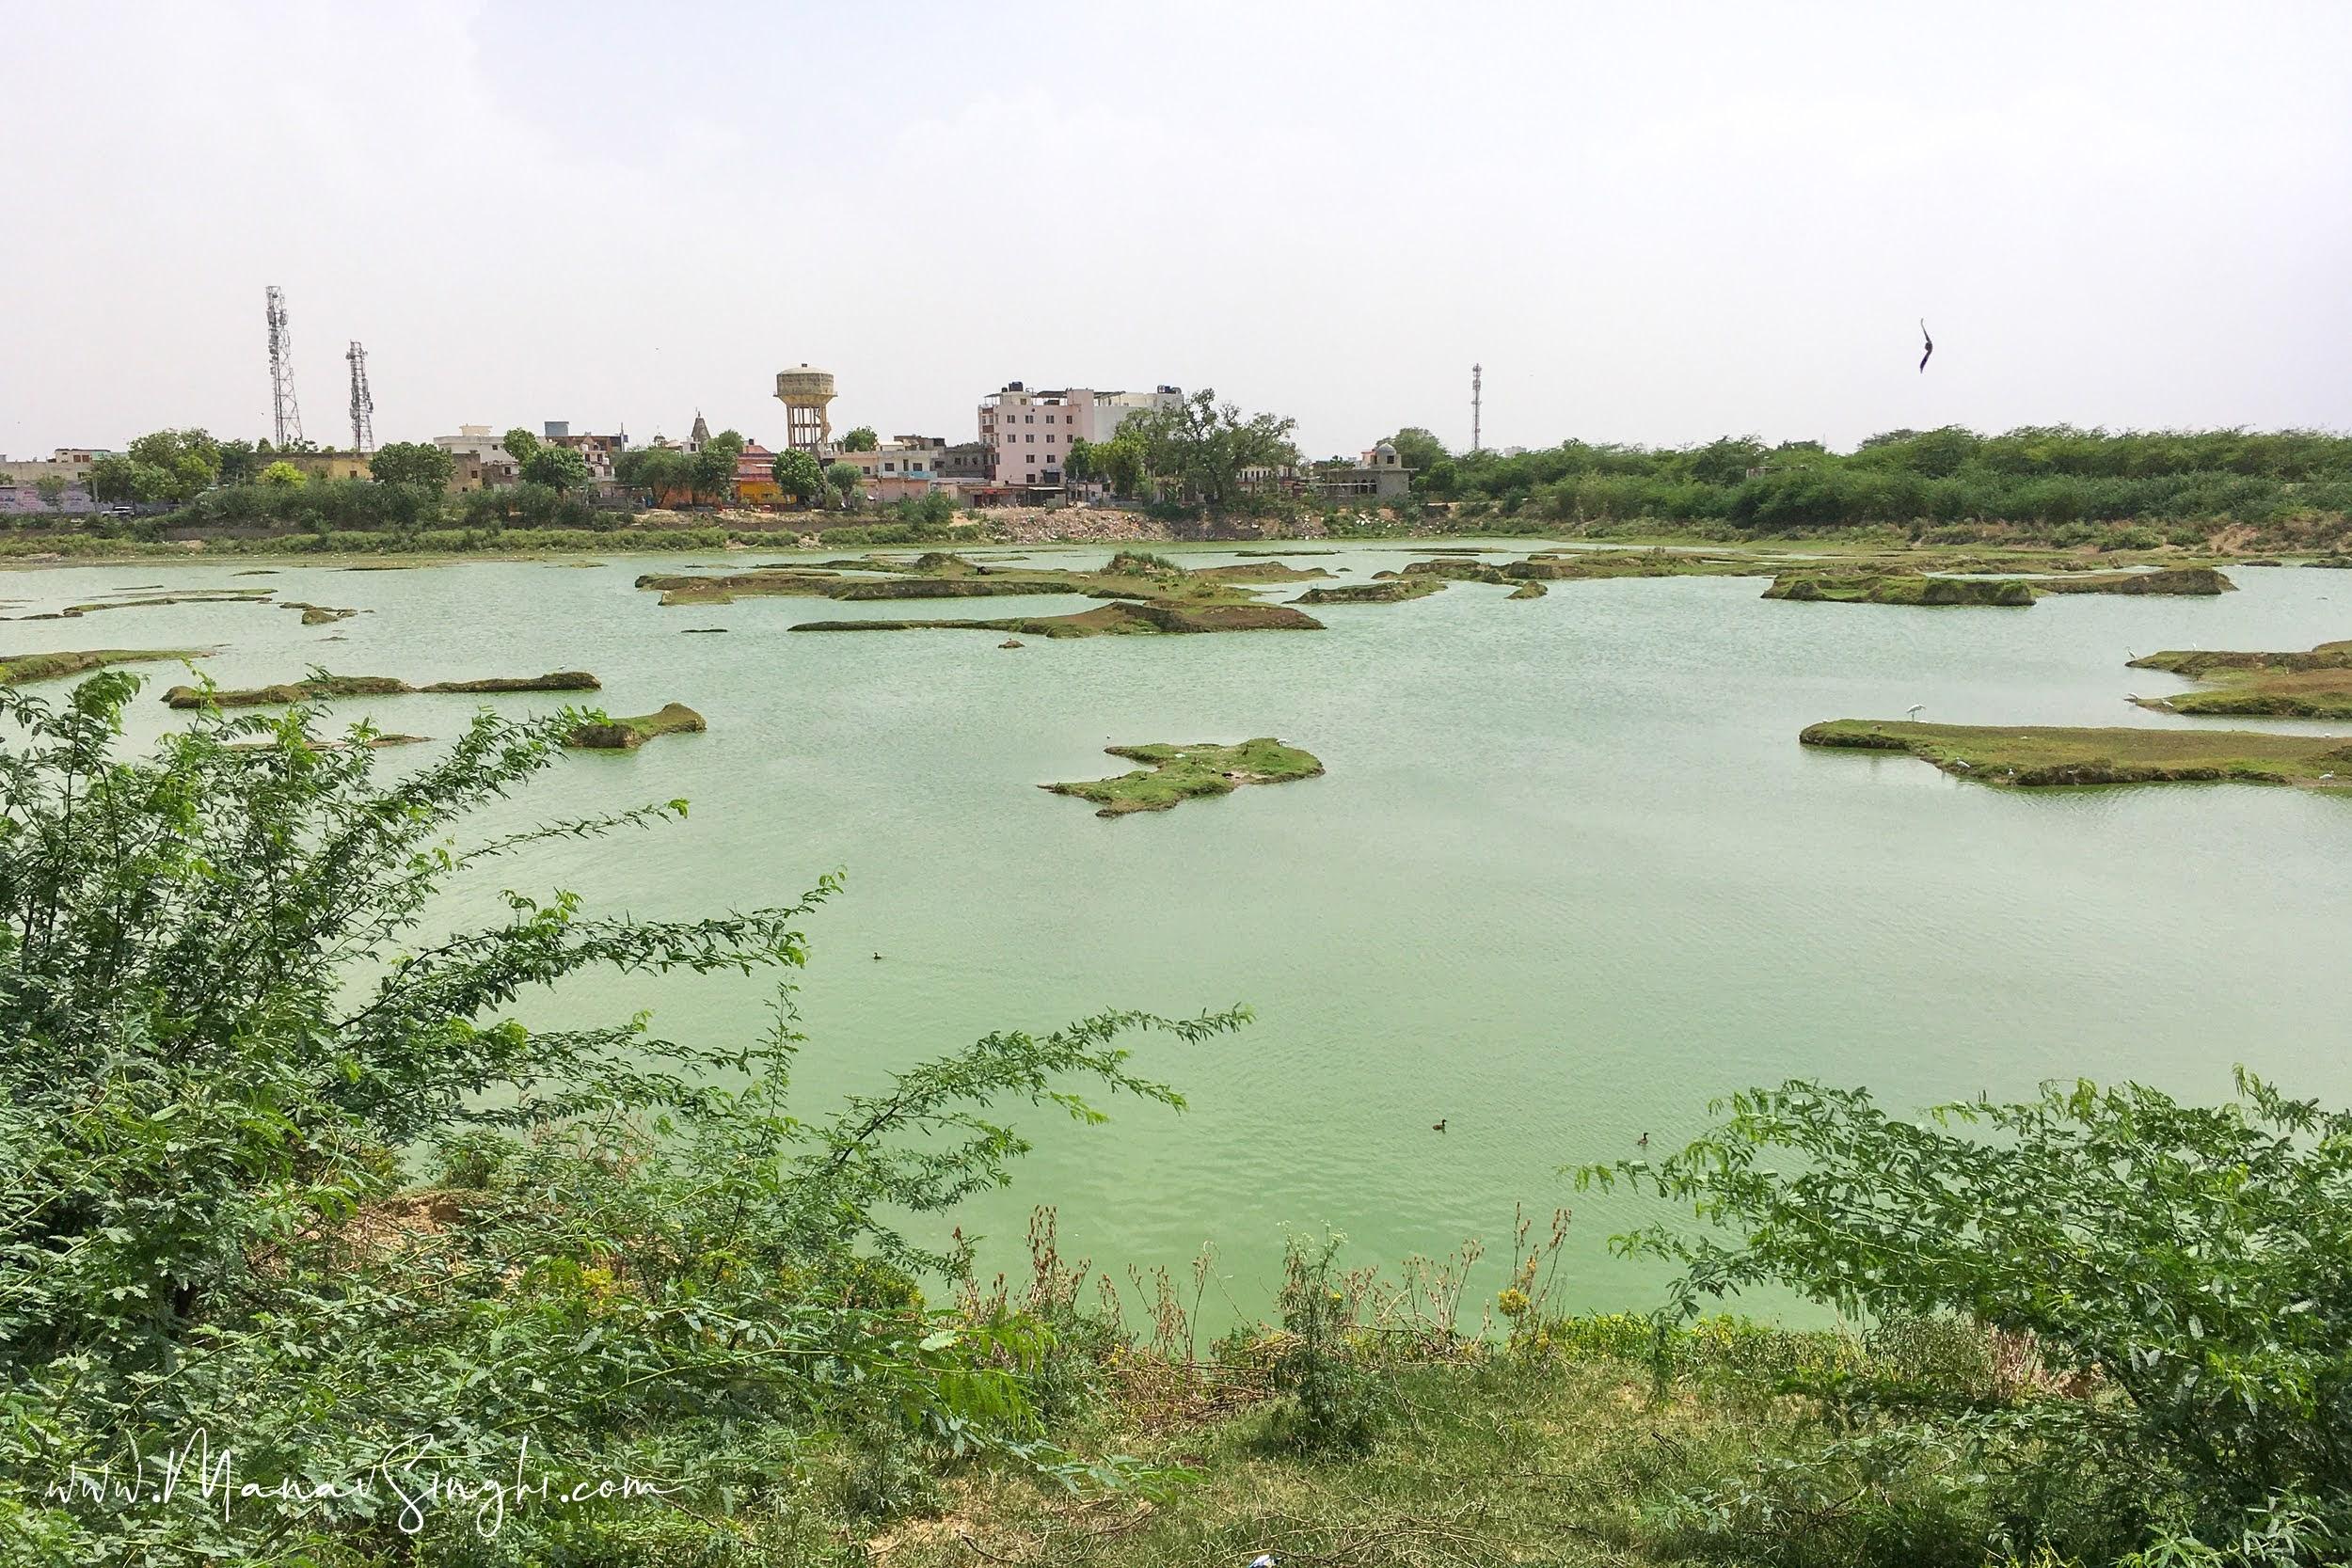 Muhana Village Lake, Sanganer Tehsil of Jaipur District.